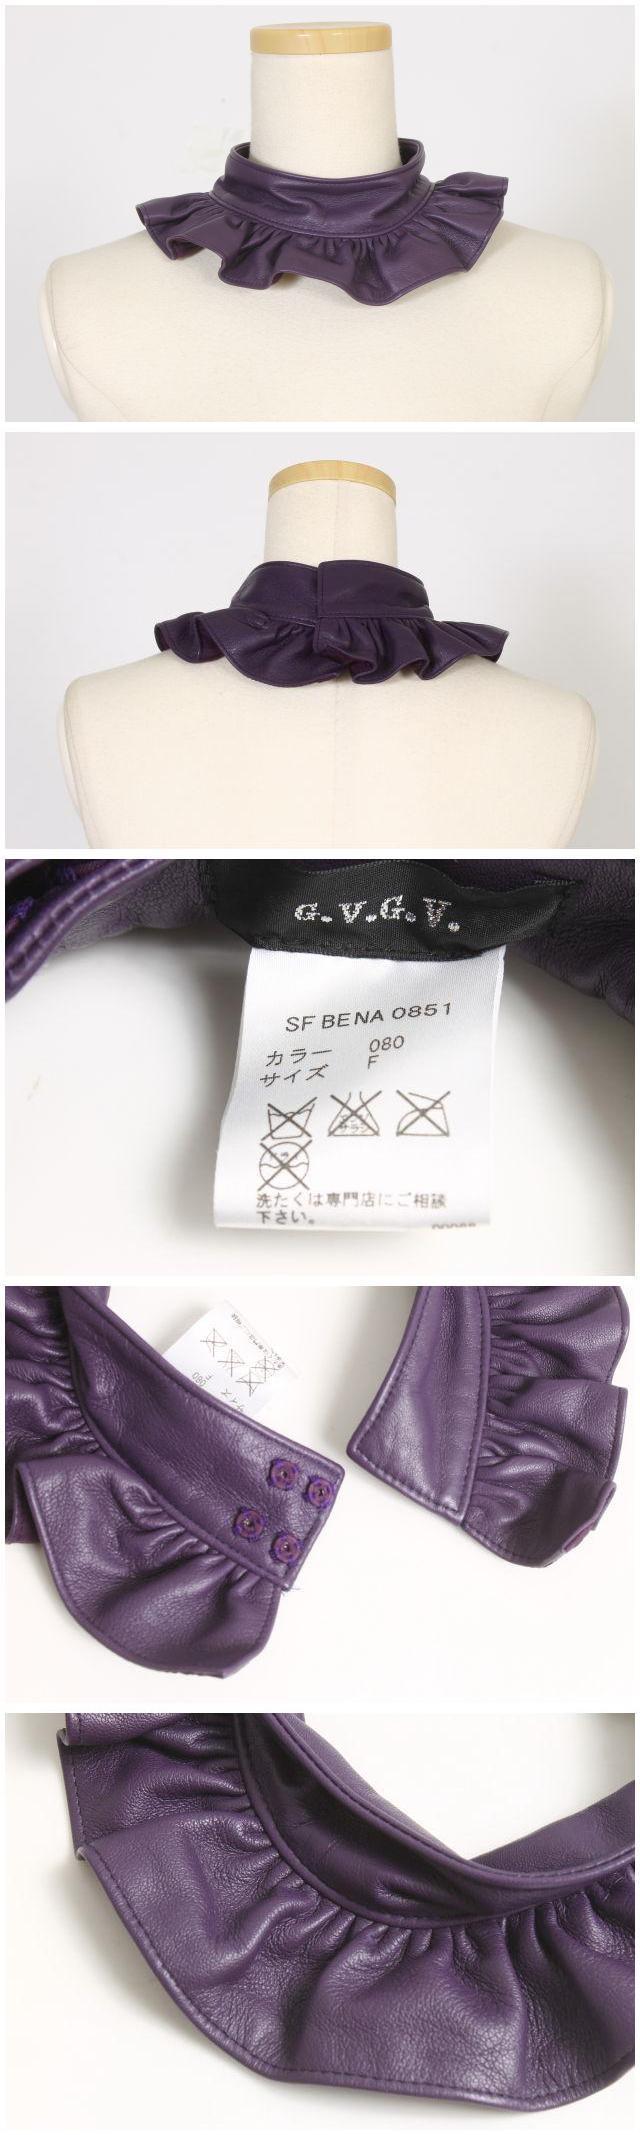 レザー 付け襟 紫 パープル /yt0530